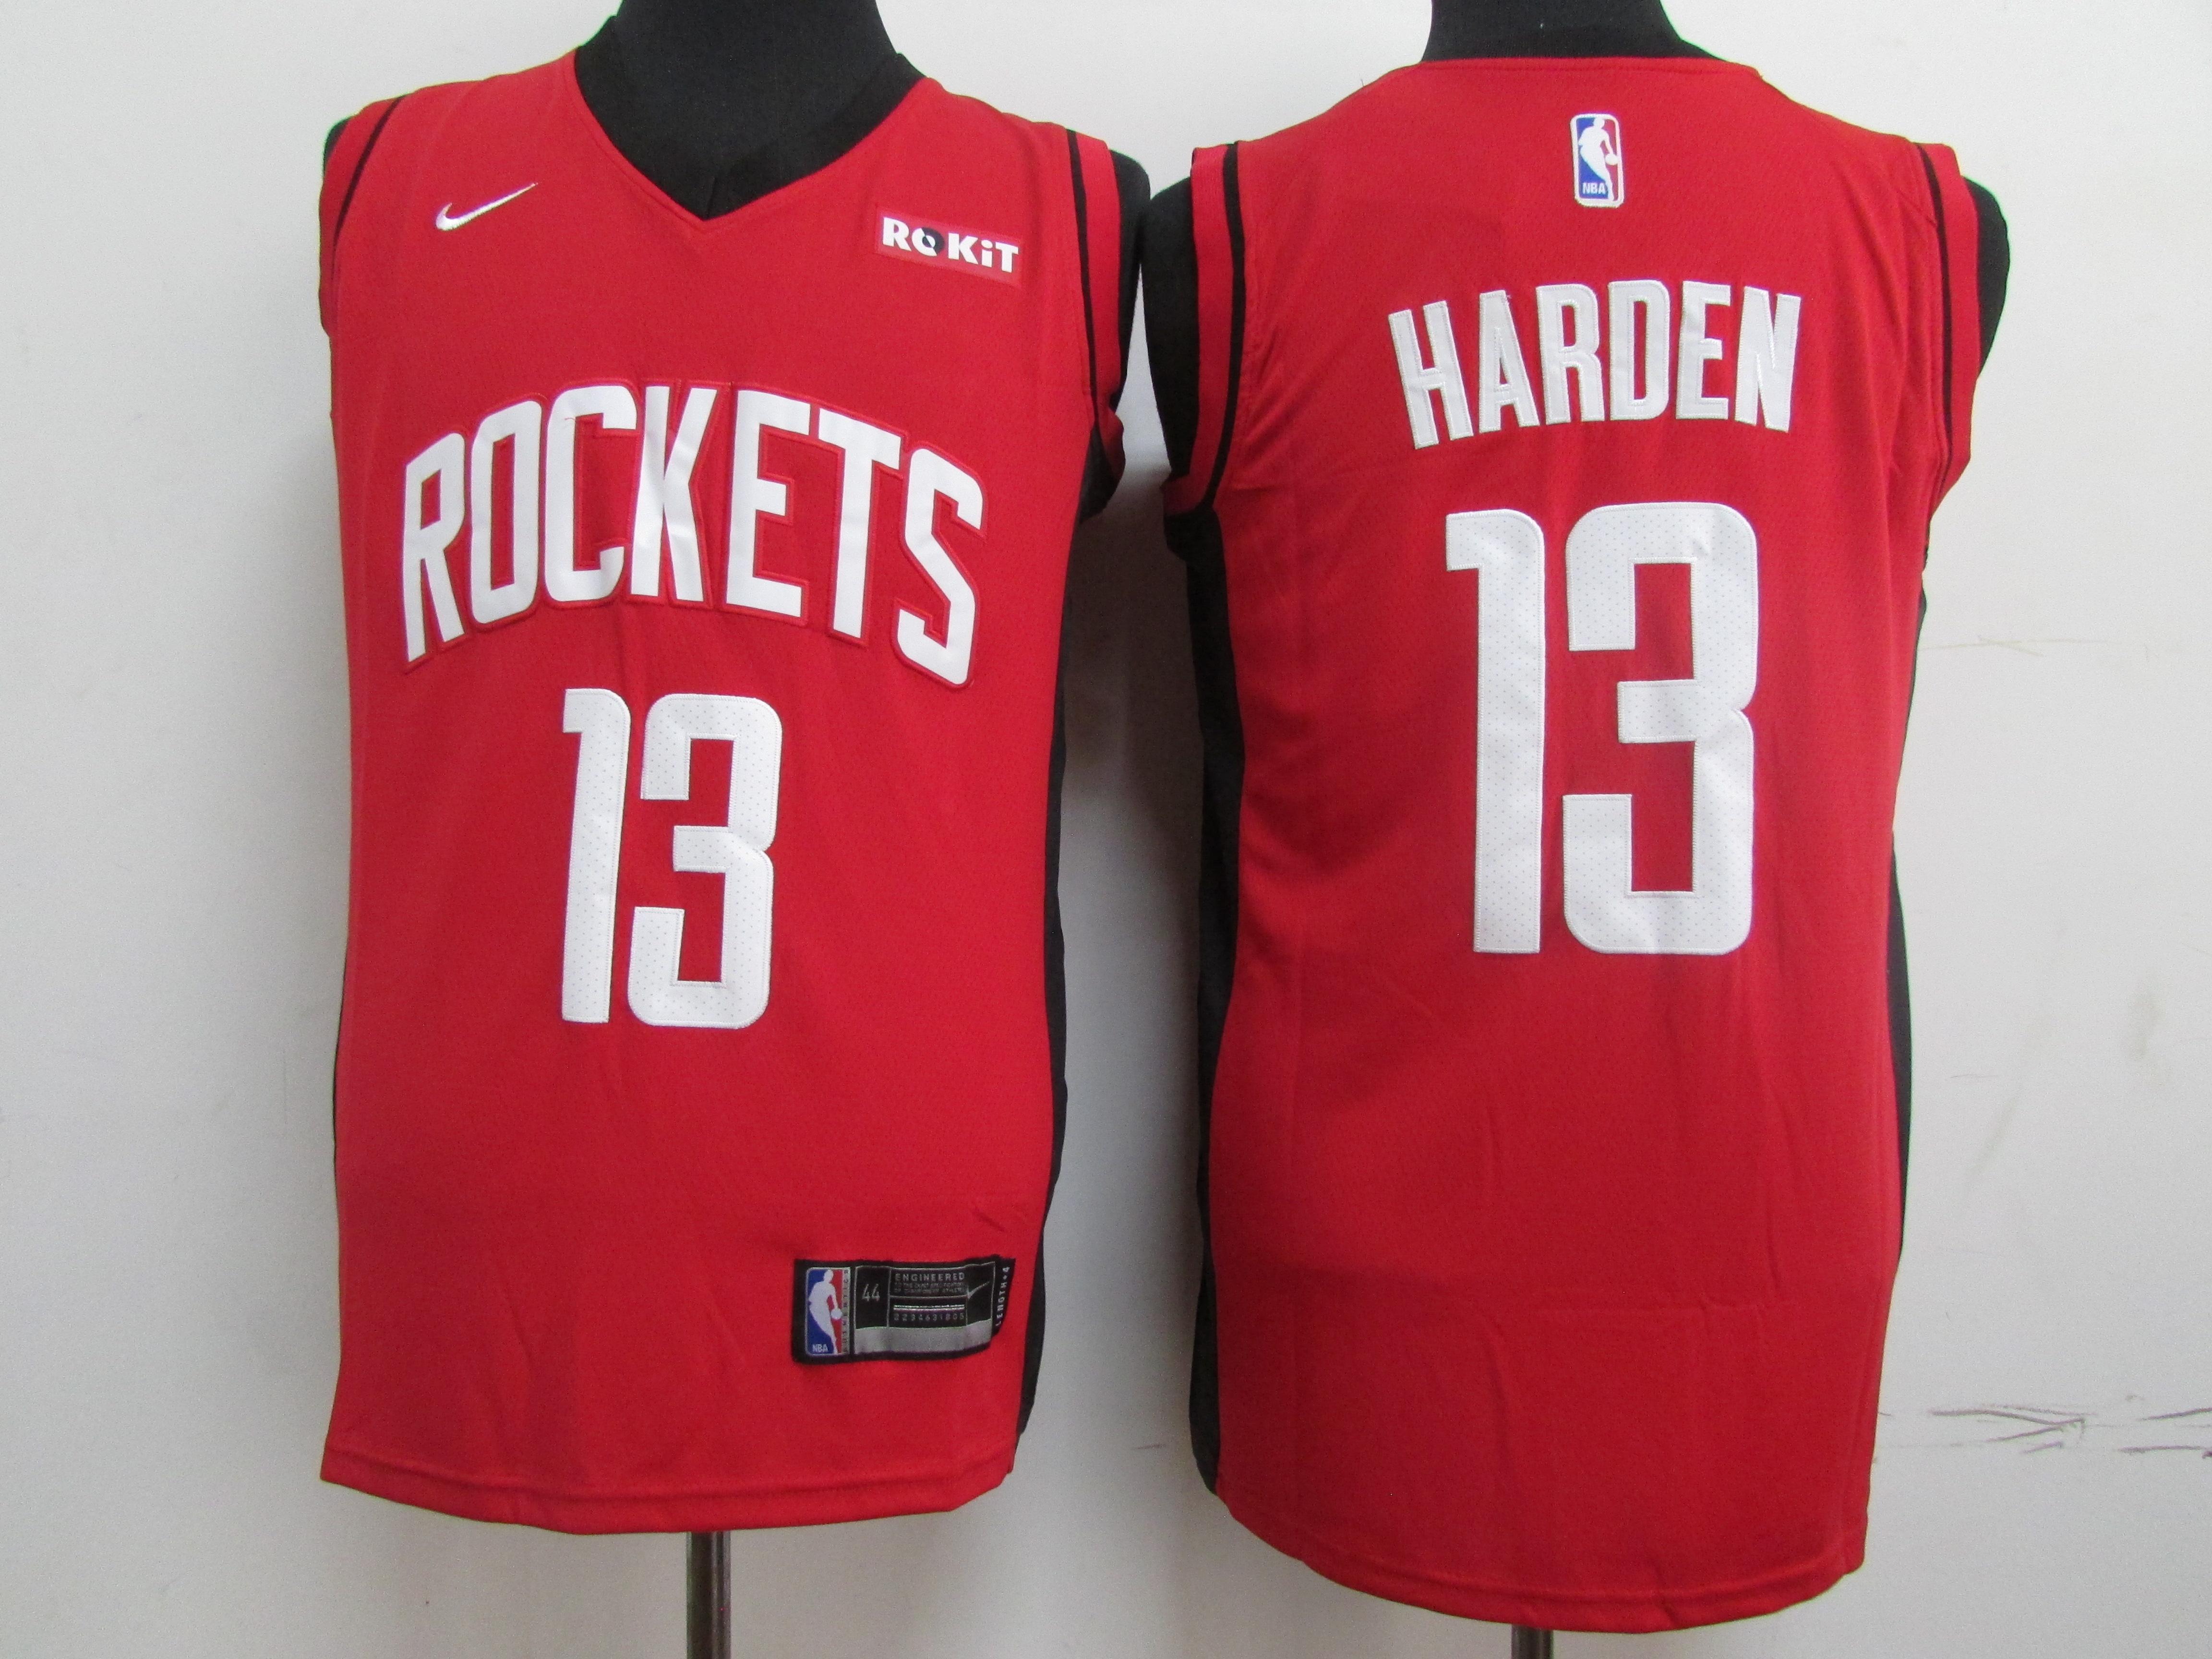 Rockets 13 James Harden Red Nike Swingman Jersey.jpeg